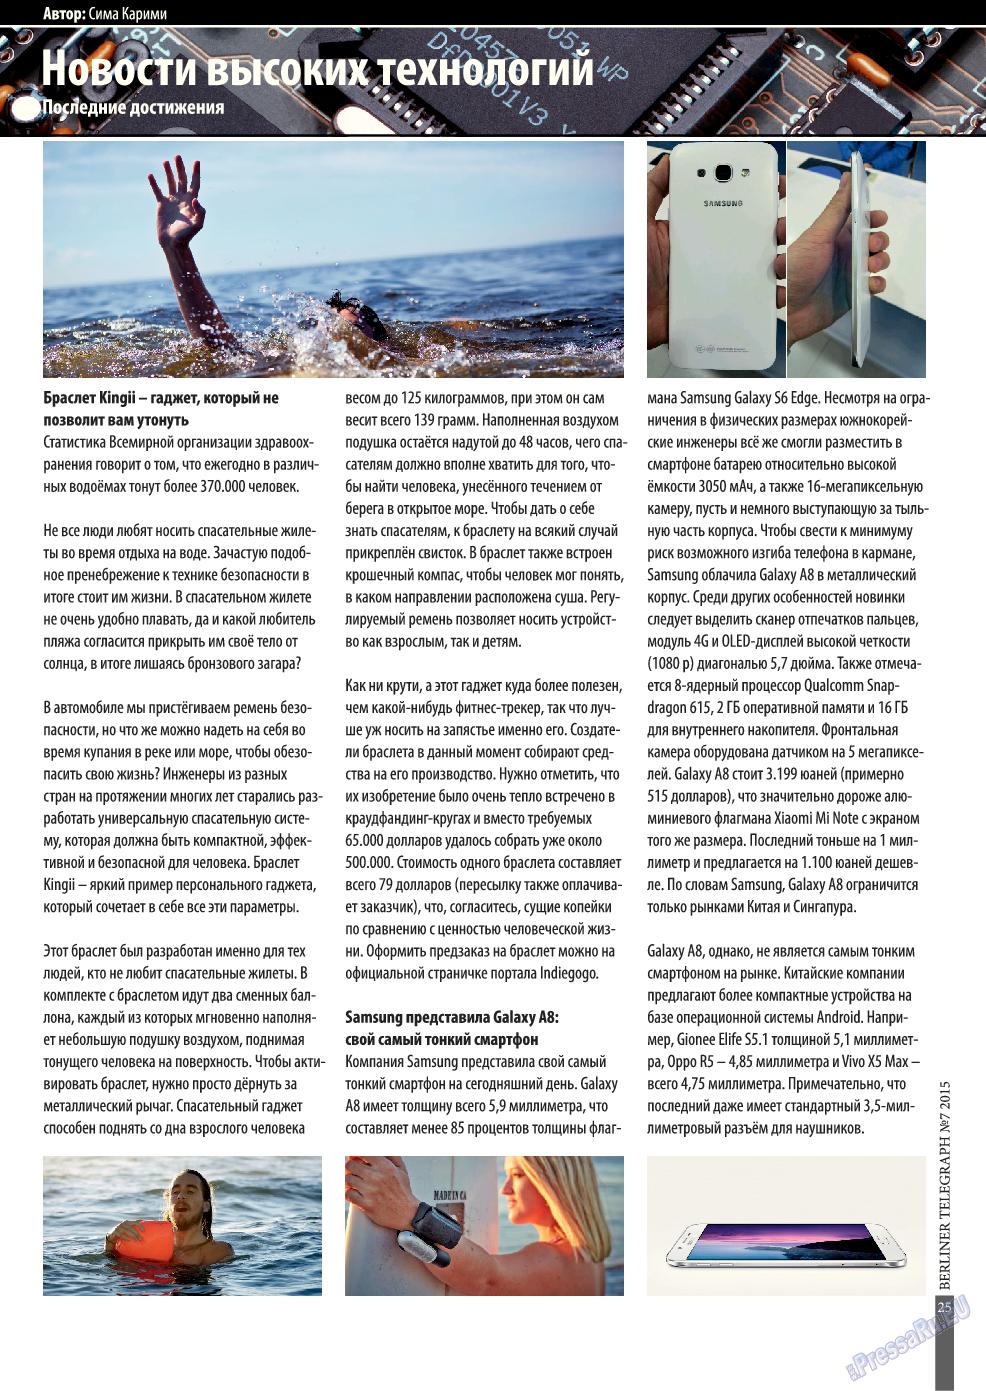 Берлинский телеграф (журнал). 2015 год, номер 8, стр. 25